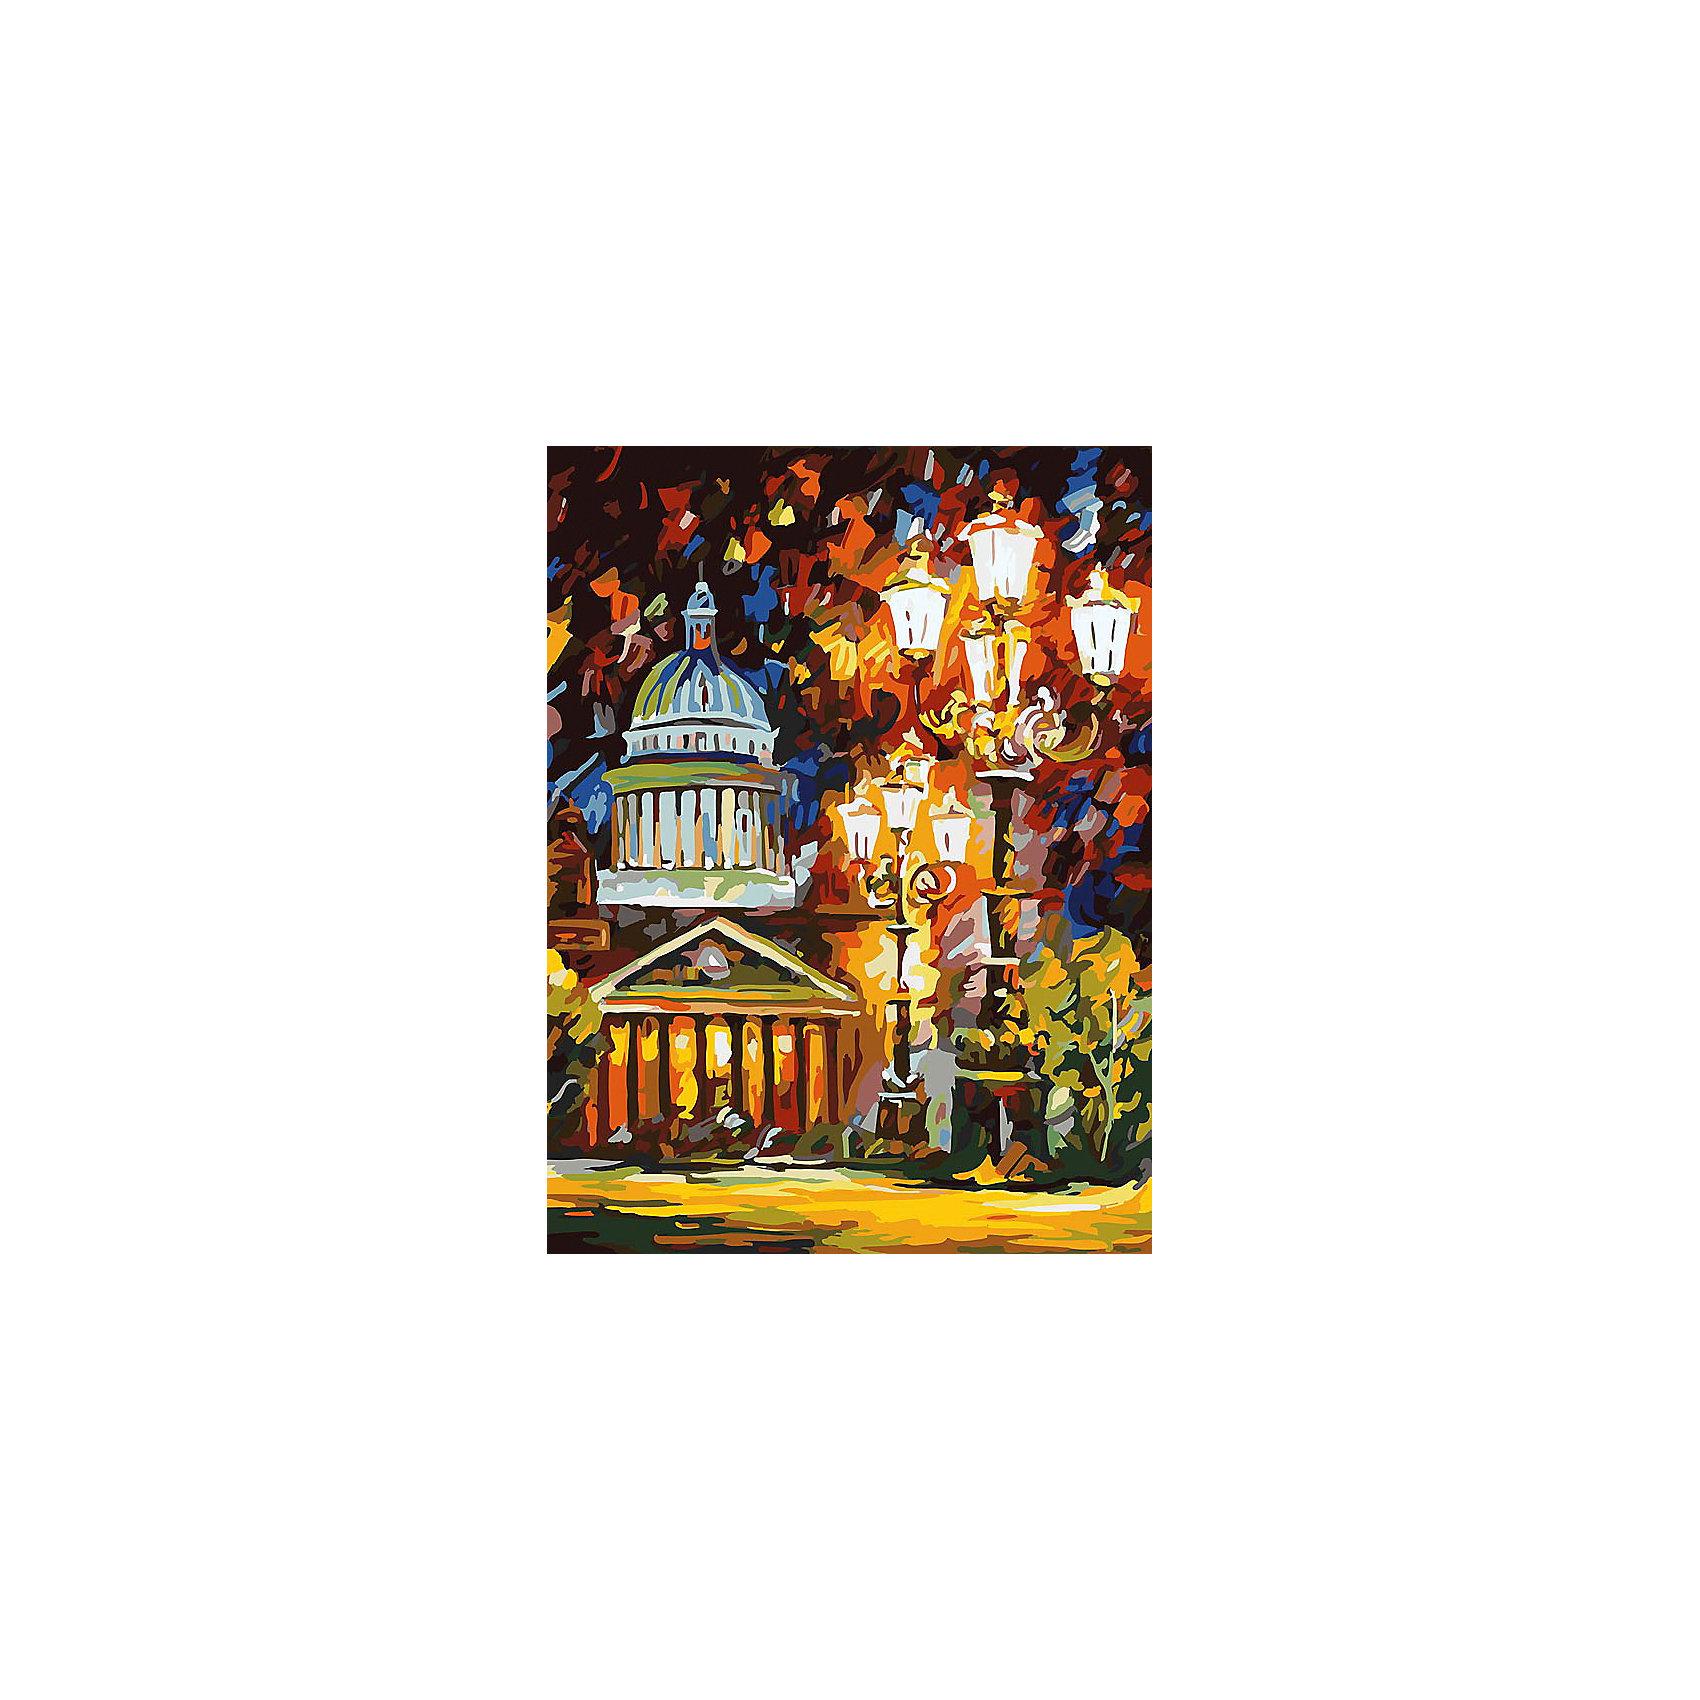 Живопись на холсте 30*40 см Мерцание ночи Санкт-ПетербургаРисование<br>Характеристики товара:<br><br>• цвет: разноцветный<br>• материал: акрил, картон<br>• размер: 30 x 40 см<br>• комплектация: полотно на подрамнике с контурами рисунка, пробный лист с рисунком, набор акриловых красок, три кисти, крепление на стену для картины<br>• для детей от шести лет и взрослых<br>• не требует специальных навыков<br>• страна бренда: Китай<br>• страна изготовитель: Китай<br><br>Рисование - это занятие, которое любят многие дети и взрослые. Оно помогает развить важные навыки и просто приносит удовольствие! Чтобы вселить в ребенка уверенность в своих силах, можно предложить ему этот набор - в нем уже есть сюжет, контуры рисунка и участки с номерами, которые обозначают определенную краску из набора. Все оттенки уже готовы, задача художника - аккуратно, с помощью кисточек из набора, нанести краски на определенный участок полотна.<br>Взрослым также понравится этот процесс, рисовать можно и вместе с малышом! В итоге получается красивая картина, которой можно украсить интерьер. Рисование способствует развитию мелкой моторики, воображения, цветовосприятия, творческих способностей и усидчивости. Набор отлично проработан, сделан из качественных и проверенных материалов, которые безопасны для детей. Краски - акриловые, они быстро сохнут и легко смываются с кожи.<br><br>Живопись на холсте 30*40 см Мерцание ночи Санкт-Петербурга от торговой марки Белоснежка можно купить в нашем интернет-магазине.<br><br>Ширина мм: 410<br>Глубина мм: 310<br>Высота мм: 25<br>Вес г: 567<br>Возраст от месяцев: 72<br>Возраст до месяцев: 144<br>Пол: Унисекс<br>Возраст: Детский<br>SKU: 5089640